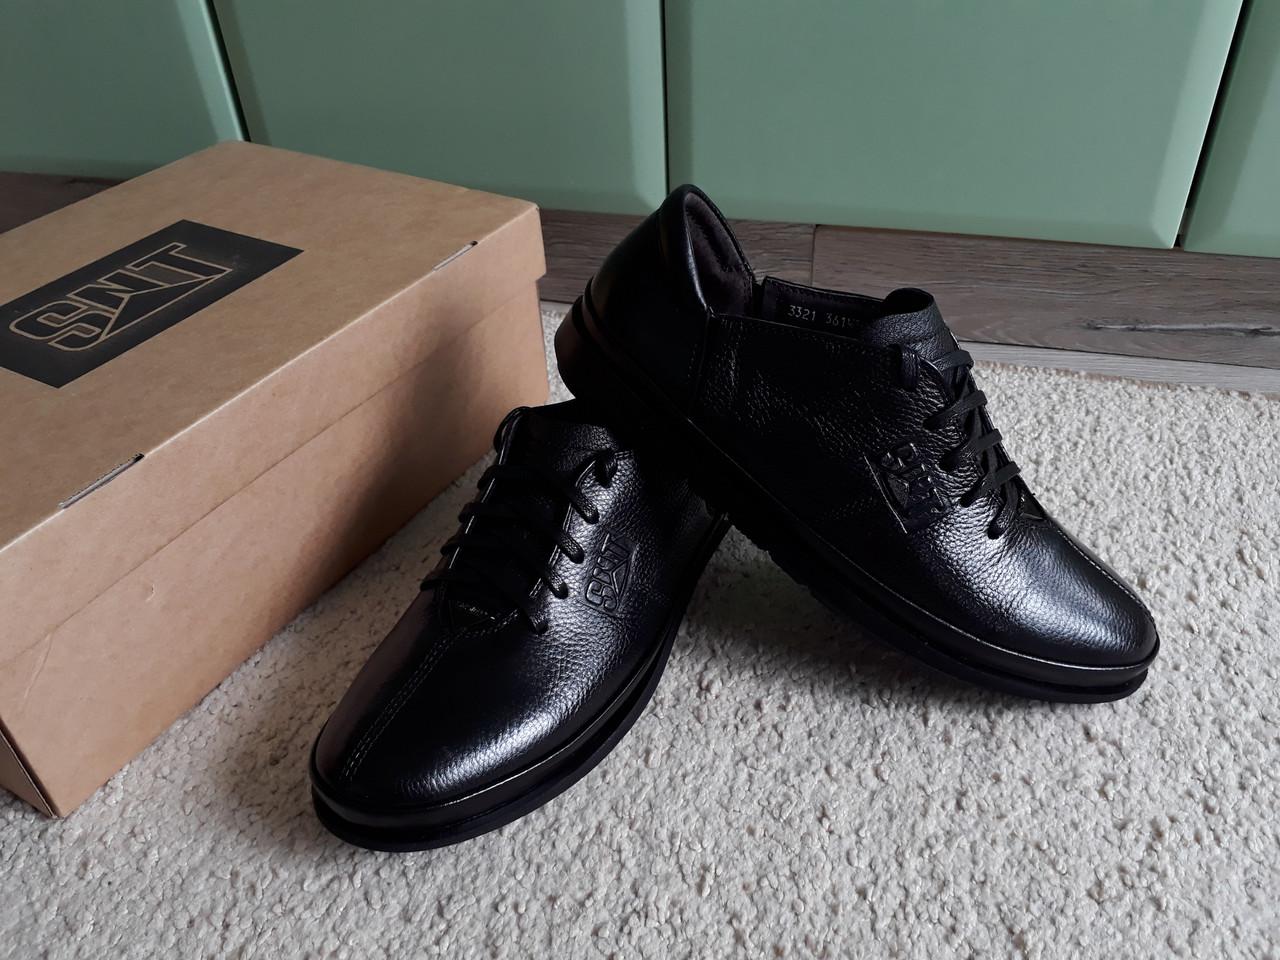 1dddf28e Мужские кожаные кроссовки / туфли SNT из натуральной кожи черные -  sinitsa_shop - интернет-магазин